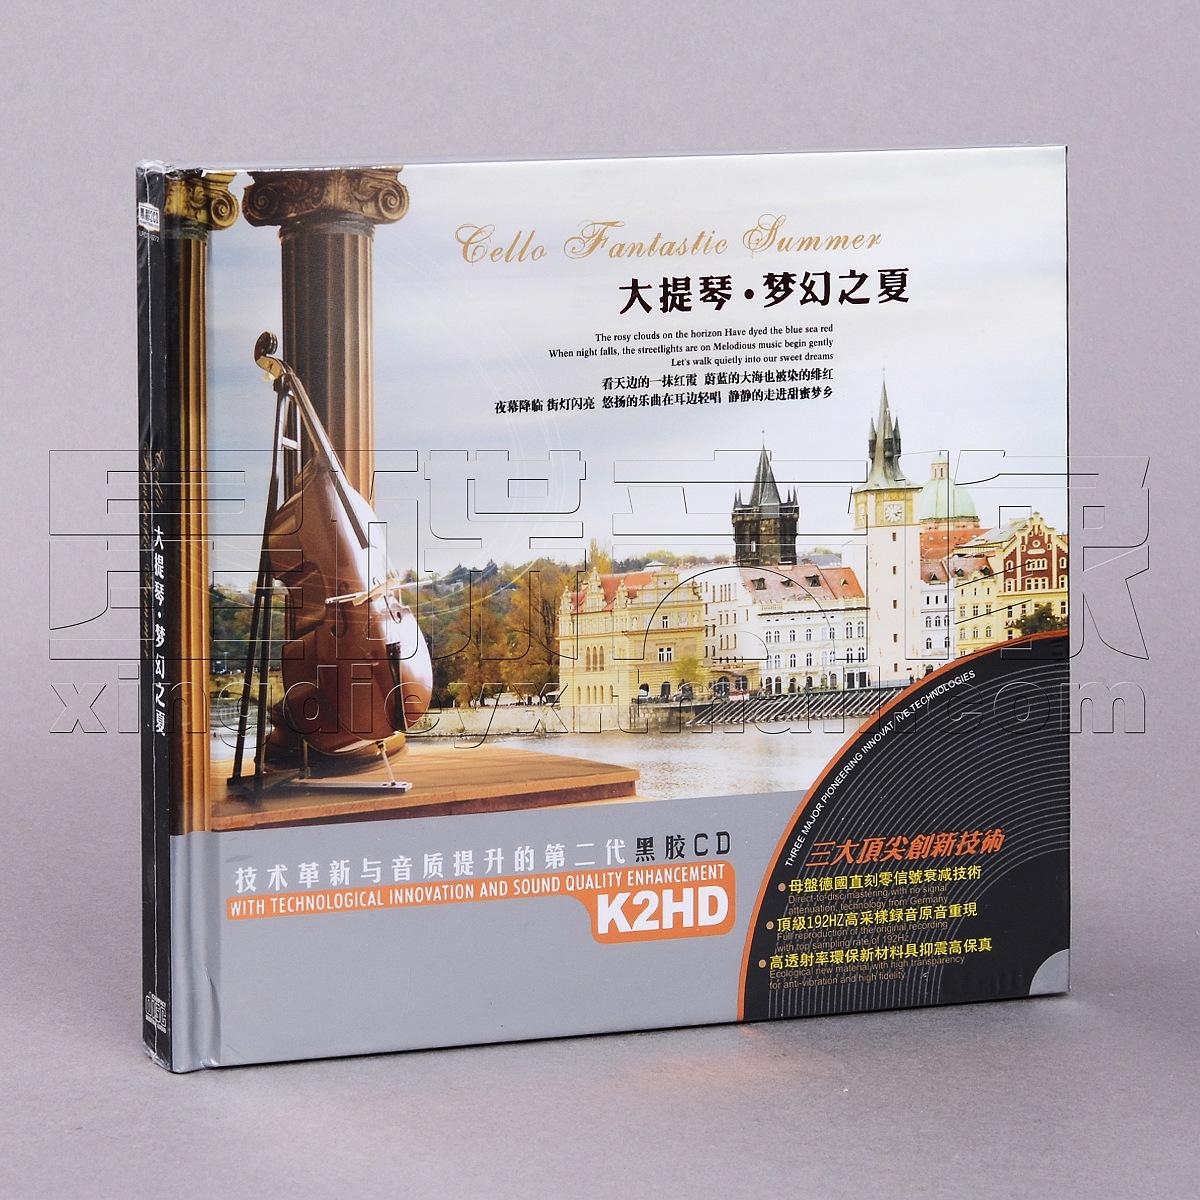 【正版】大提琴・梦幻之夏 精选车载碟片唱片歌曲光盘黑胶2CD